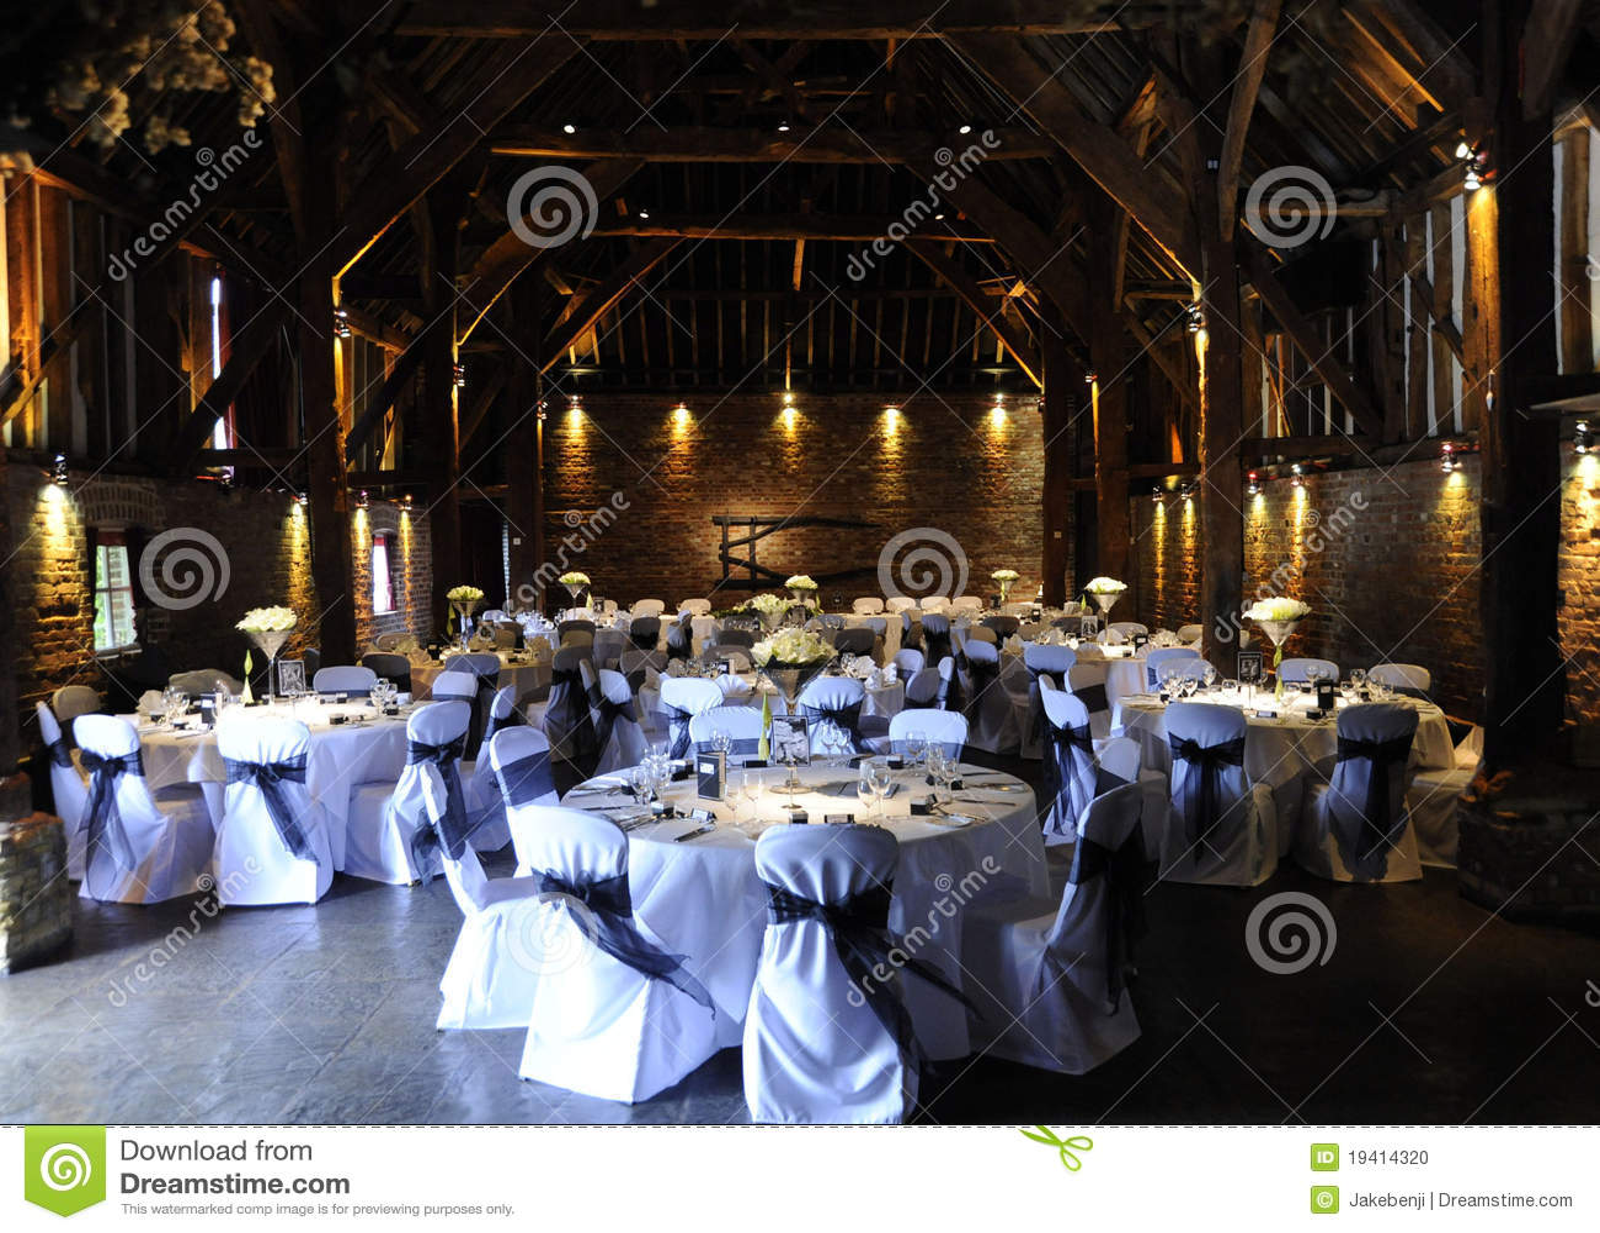 Vectores de la boda